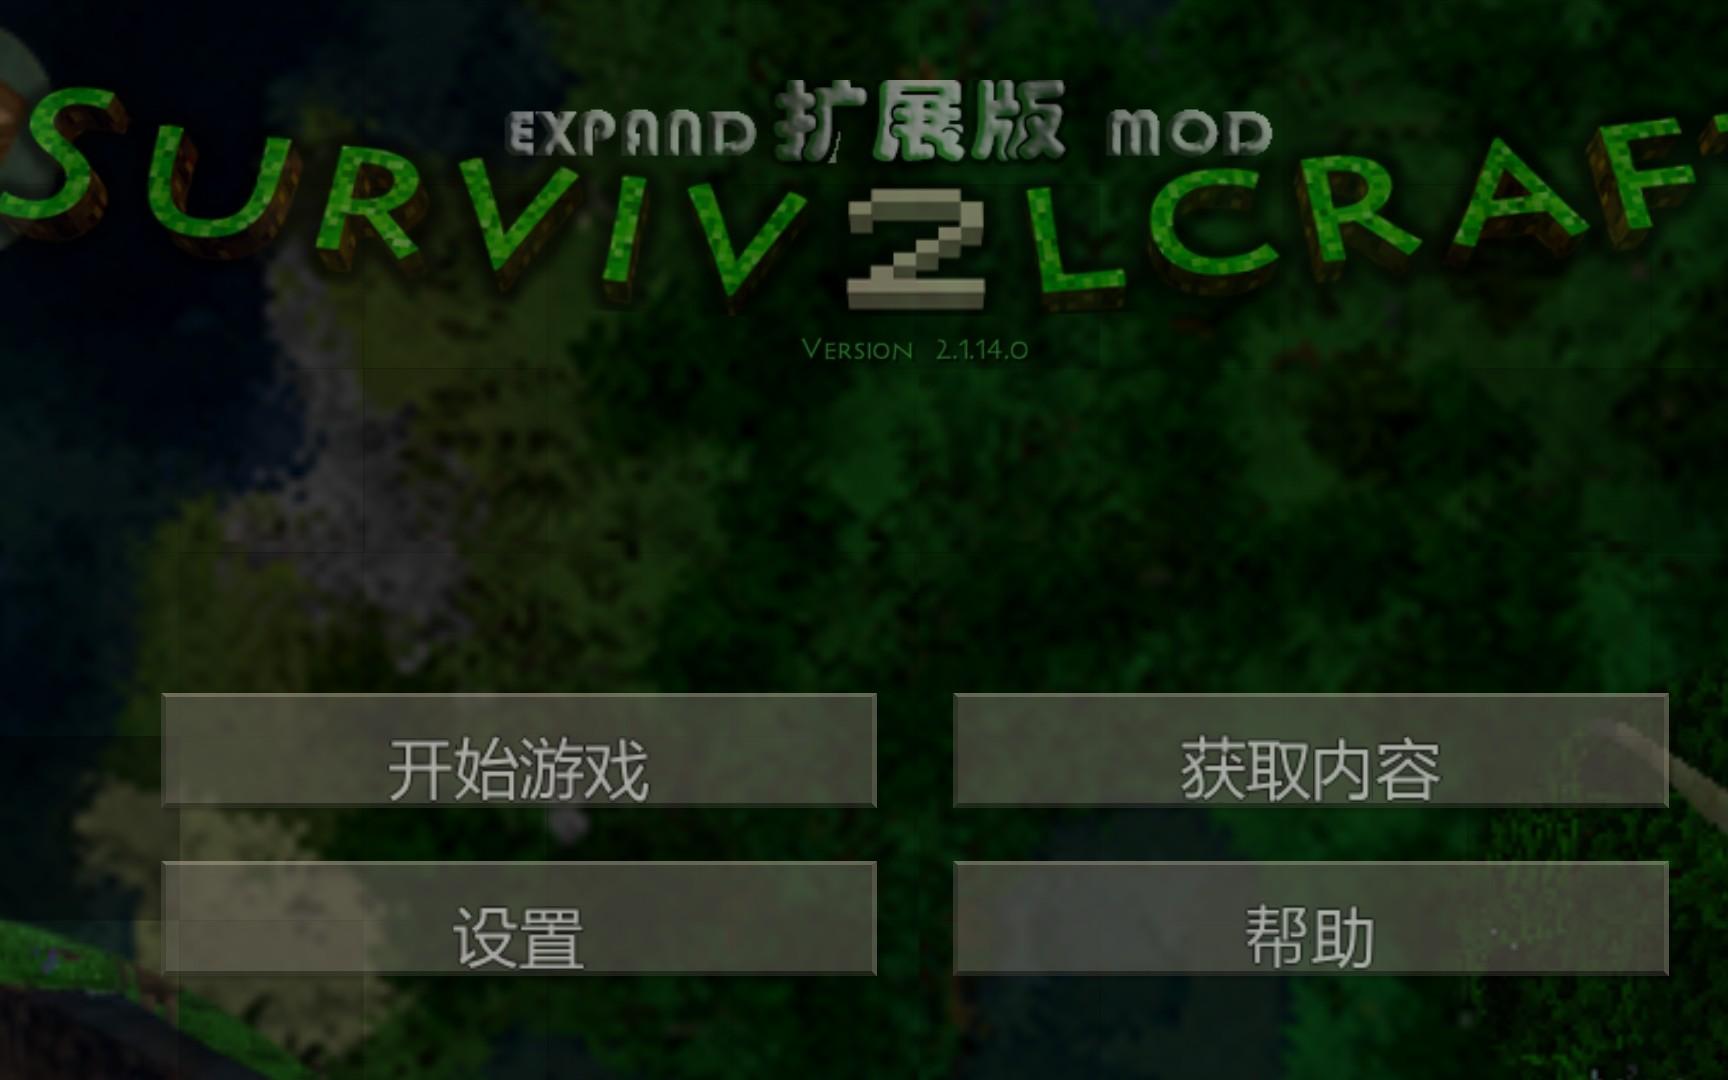 【敬虫子】生存战争MOD扩展版,苟且偷生1